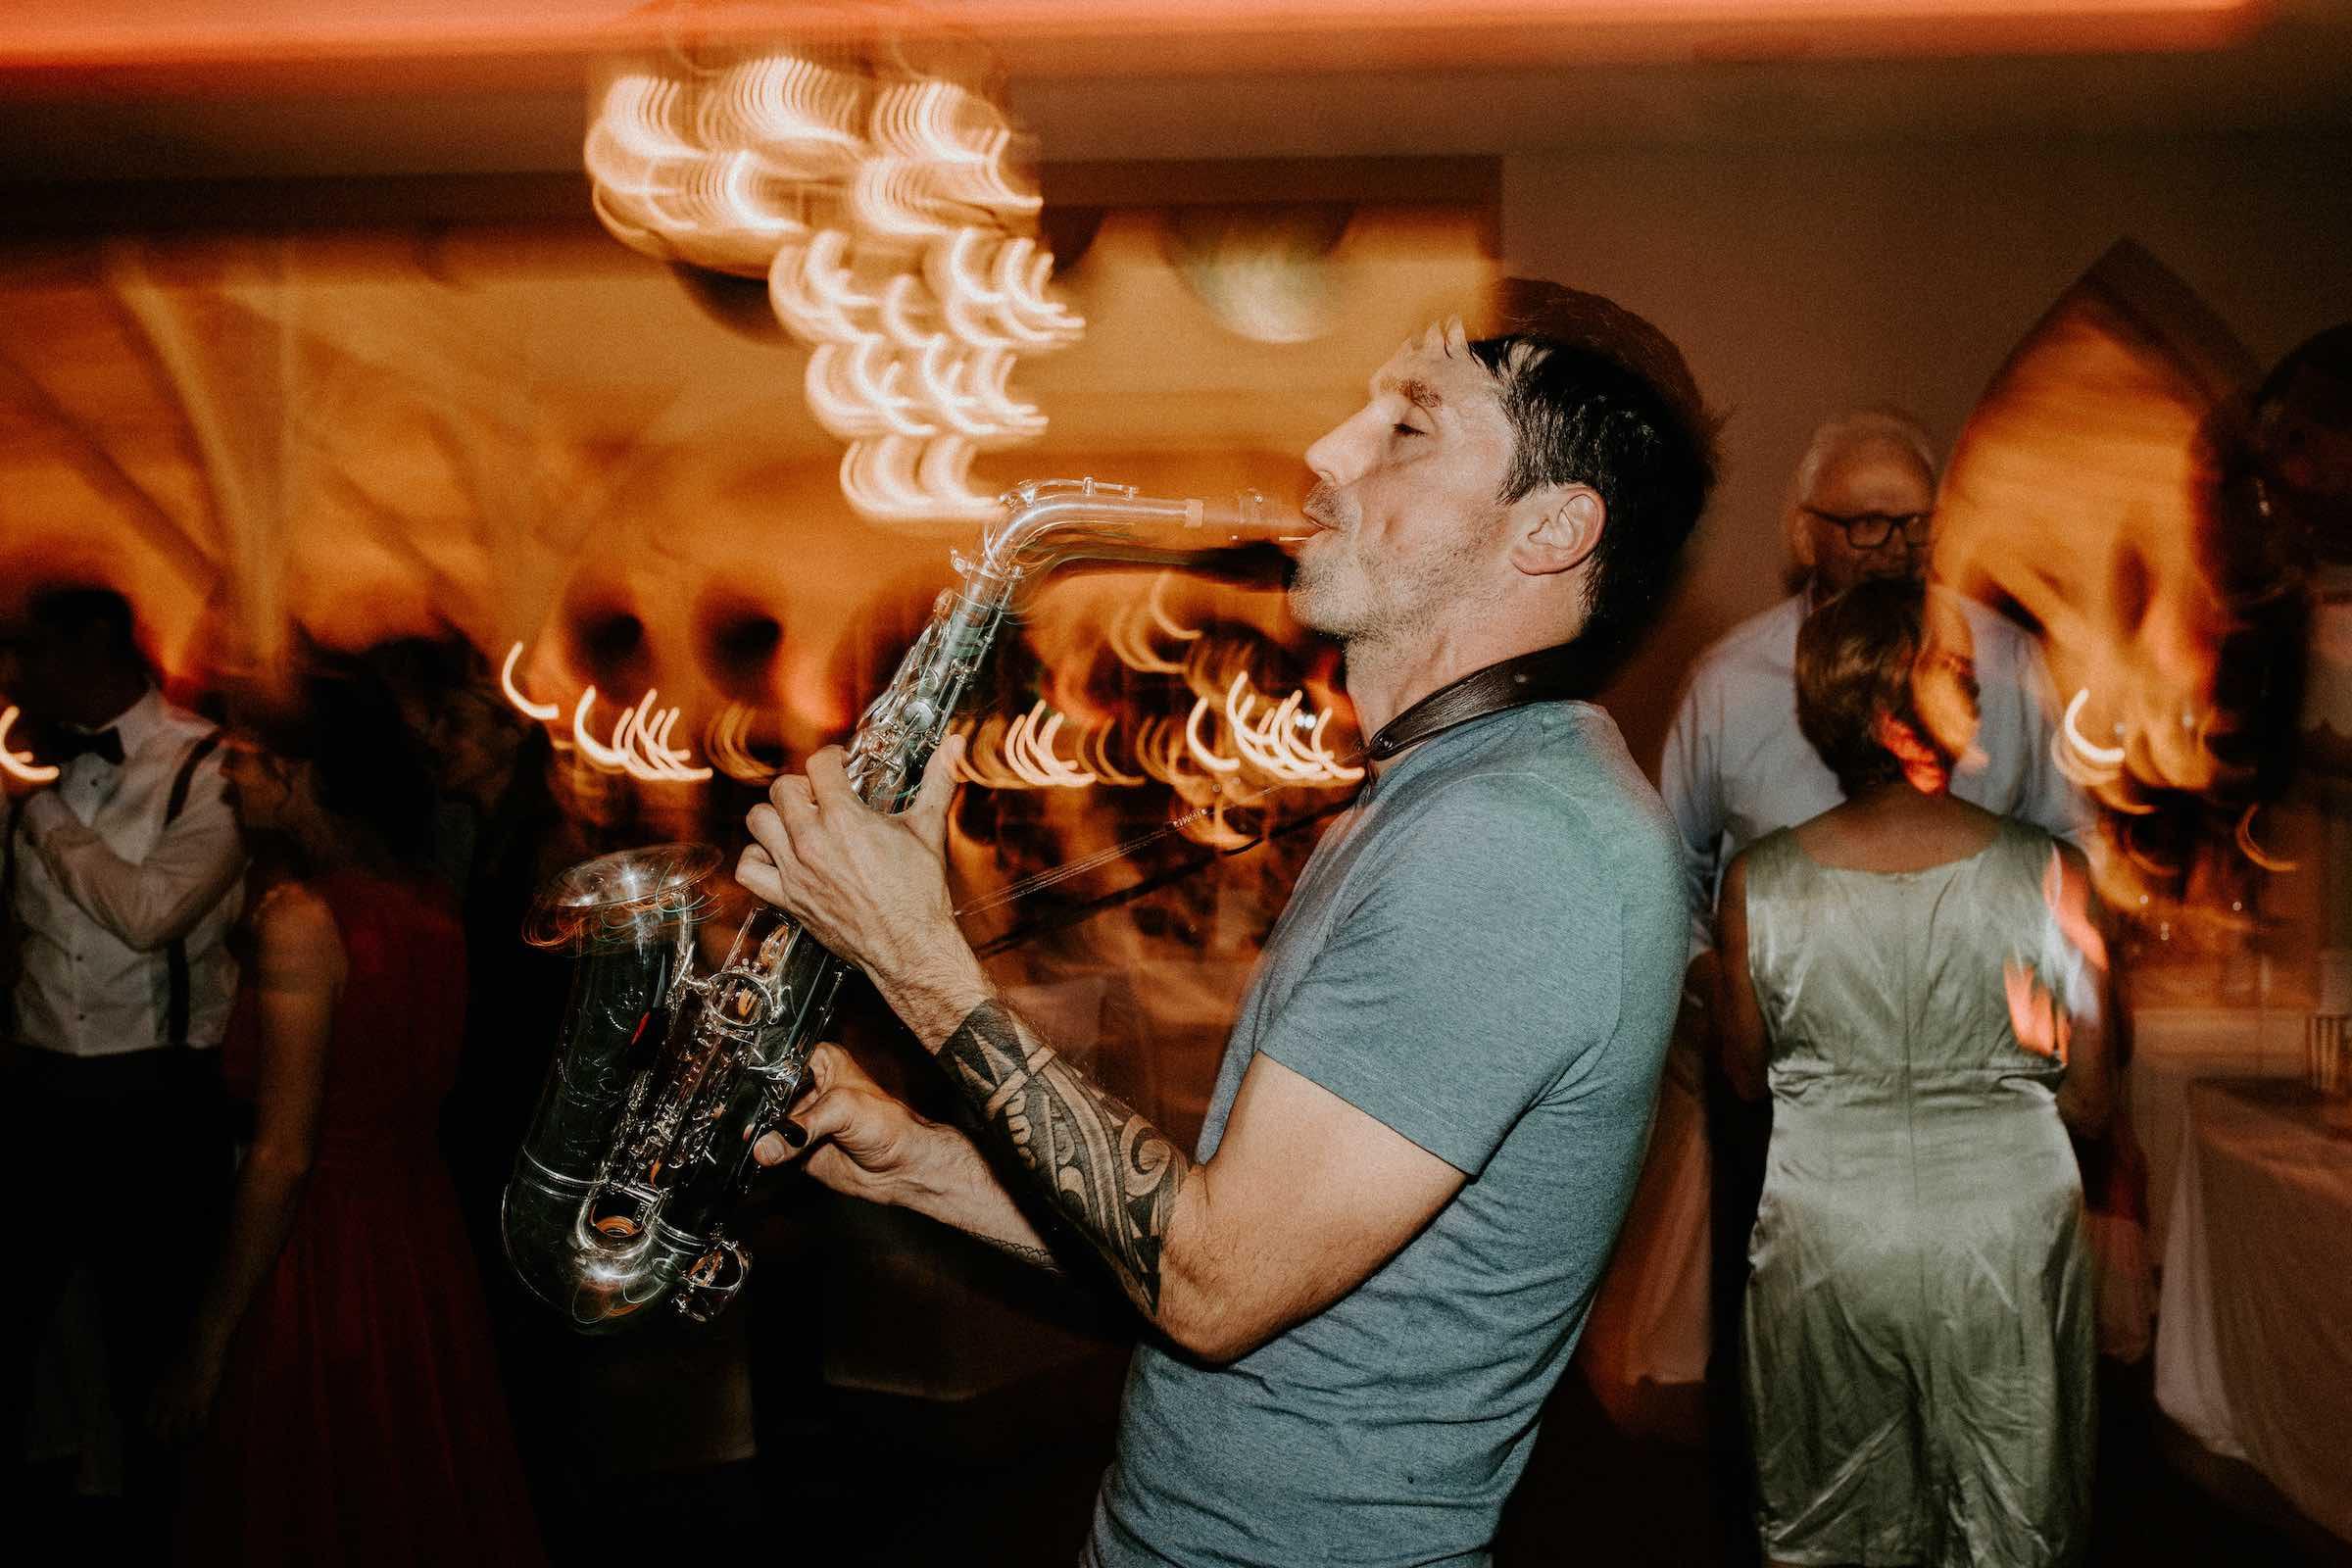 Saxophonist  Saxophon  Hannover  Buchen  Party  Dinner  Empfang  Lounge  DJ  Plus  Livemusik  Liveband  Musiker  Swing  Loungeband  Pop  90er  80er  House  Party  Hochzeit  Messe  Firmenfeier  Gala